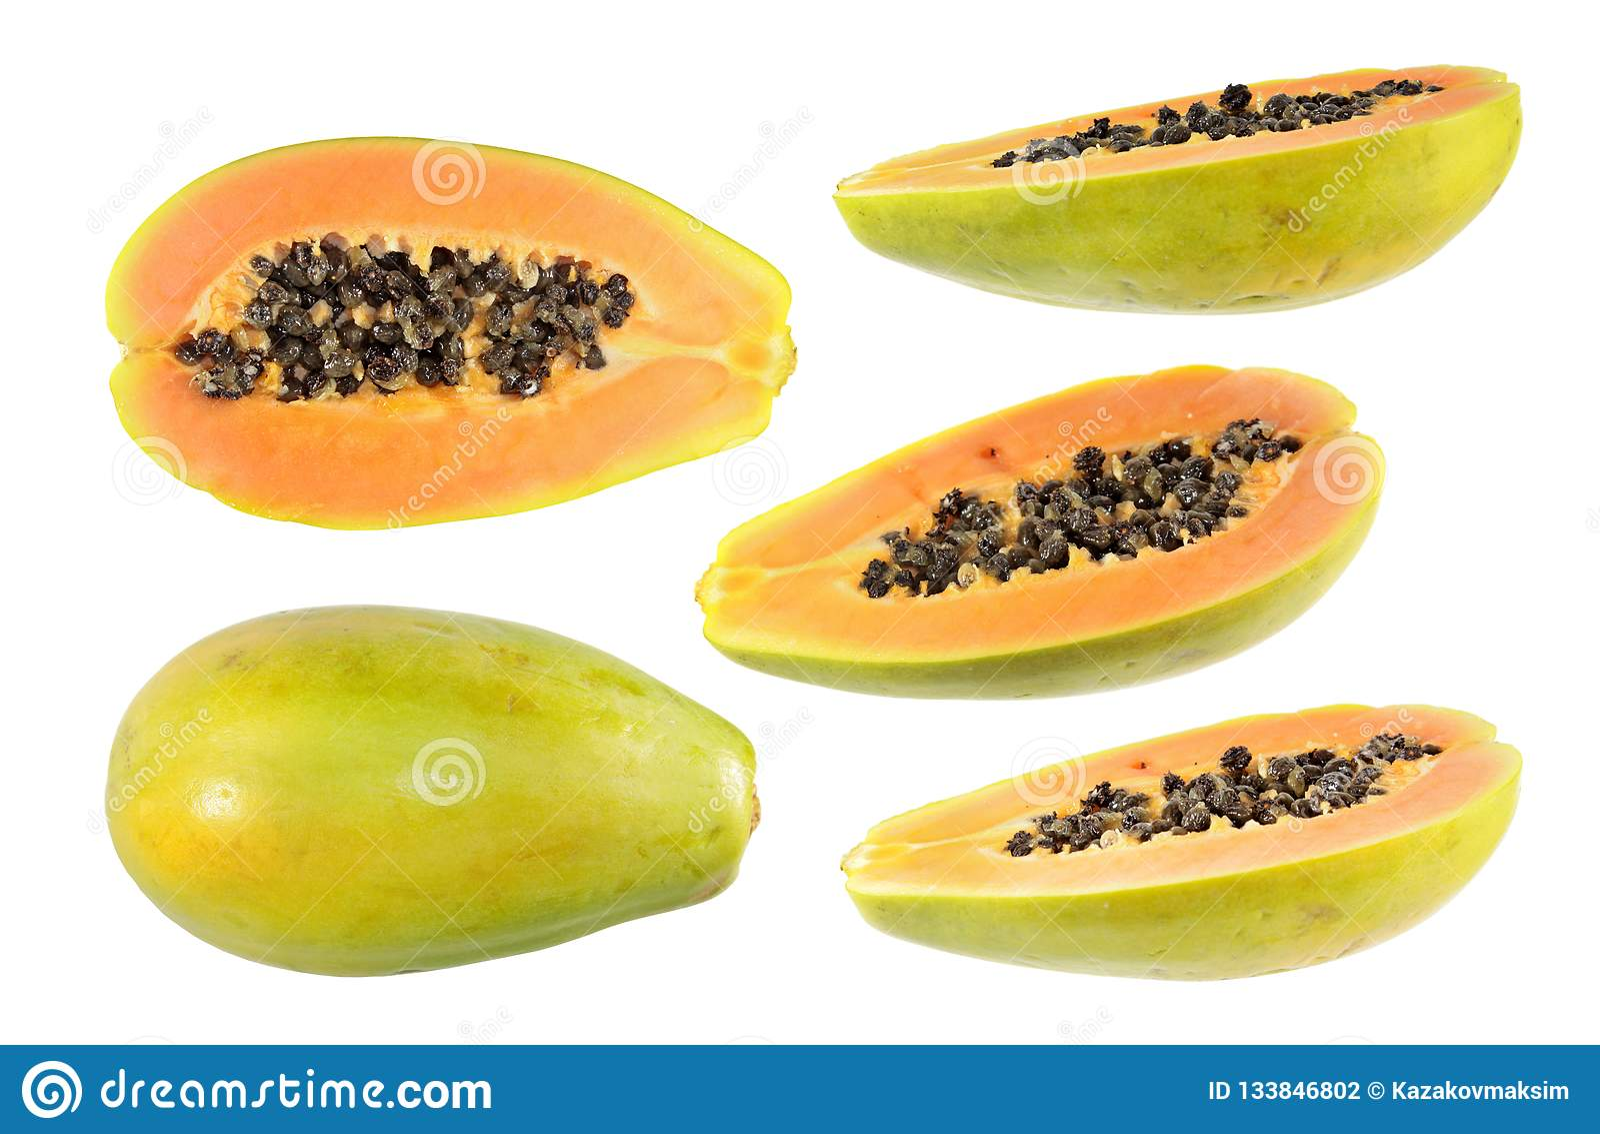 Big set of half cut and whole papaya fruits isolated on white background